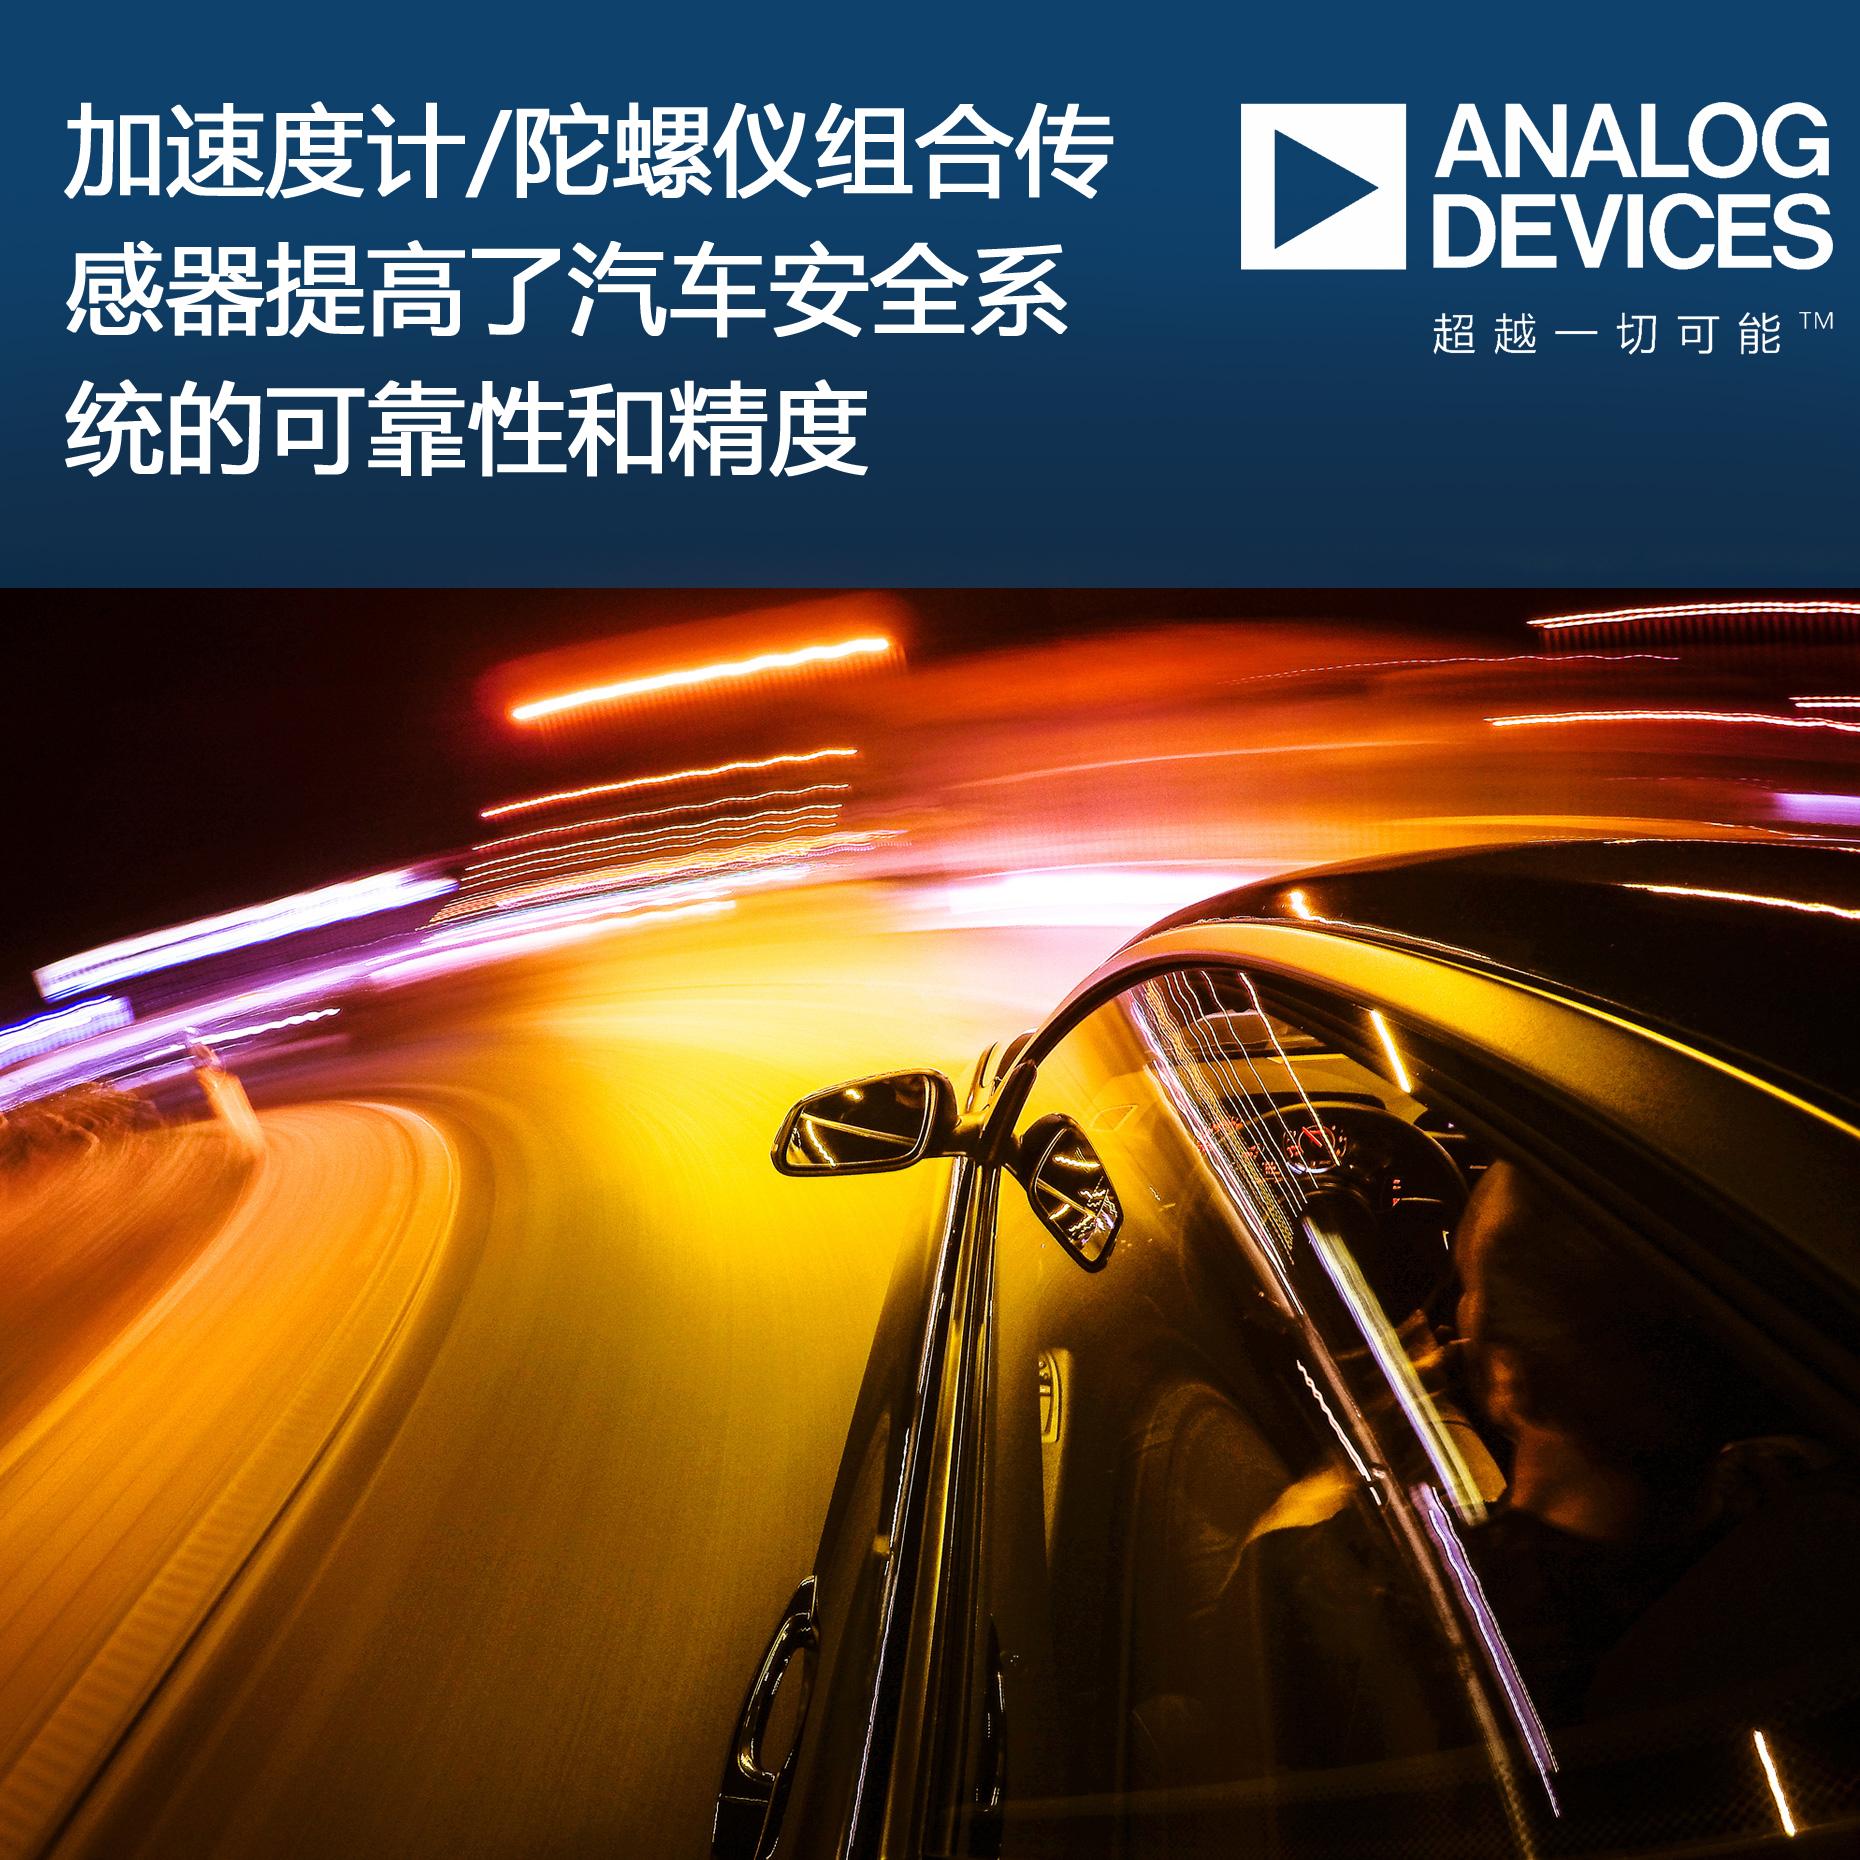 ADI推出全集成式惯性组合传感器系列 ADXC150x